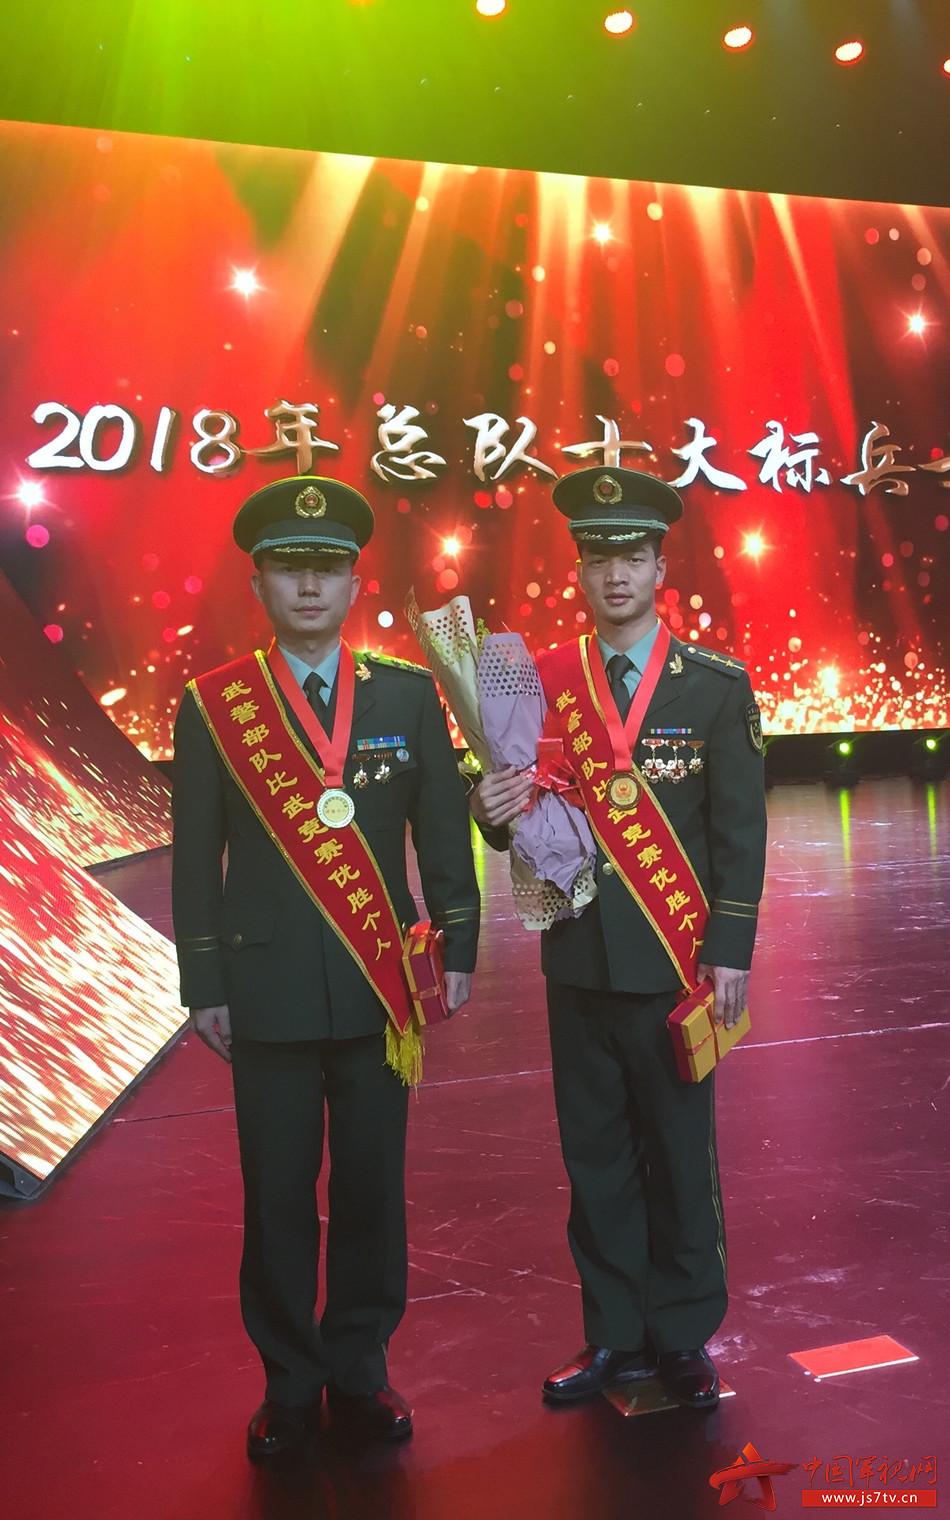 图一 云南总队表彰2018年度比武竞赛优胜个人